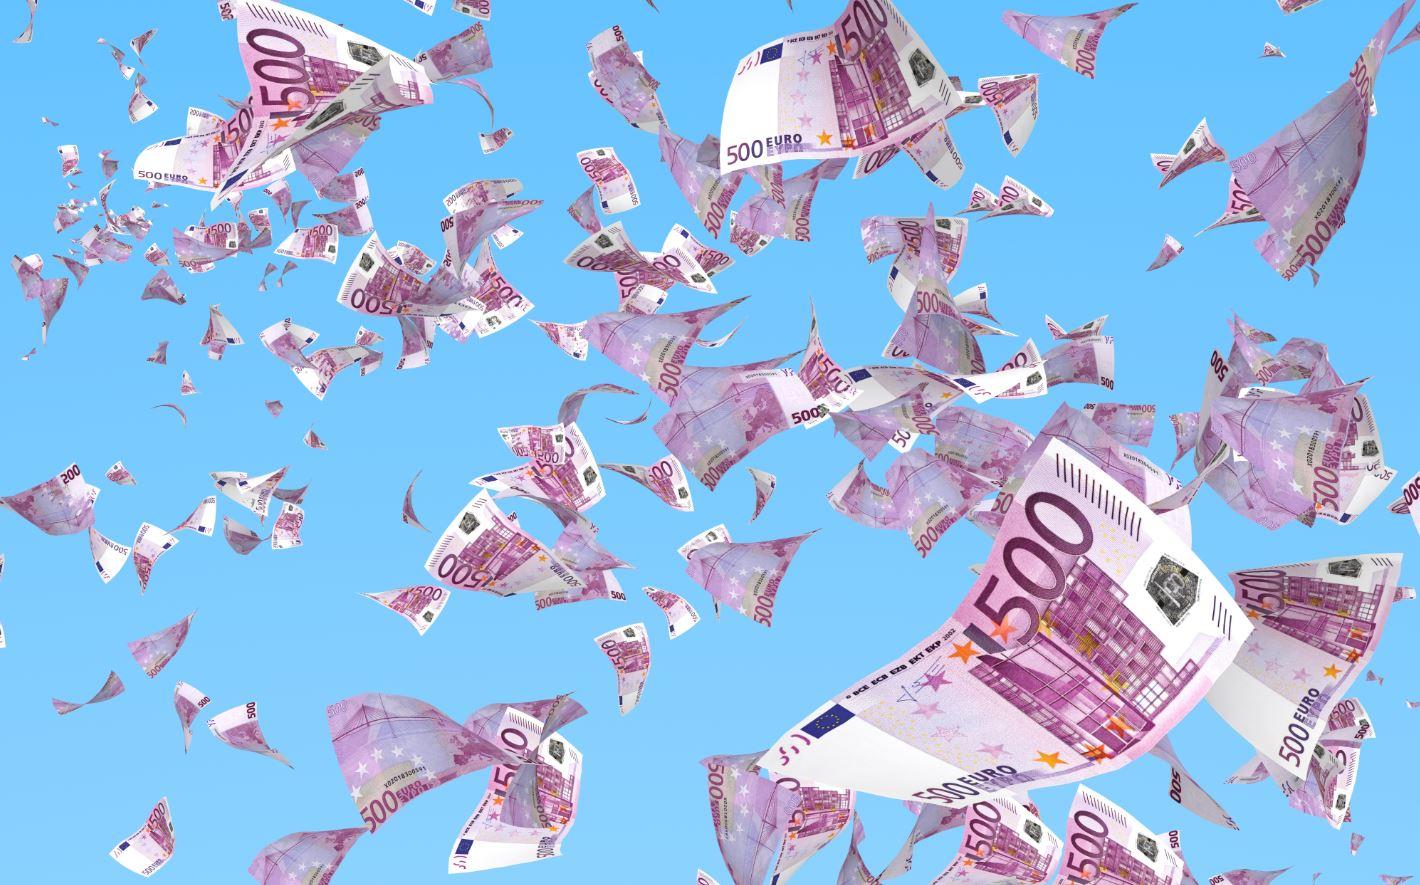 Rund 500 Euro monatlich mehr bringt die Höhergruppierung - nur: Wer bekommt sie überhaupt? Foto: Landahlauts / flickr (CC BY-NC-SA 2.0)